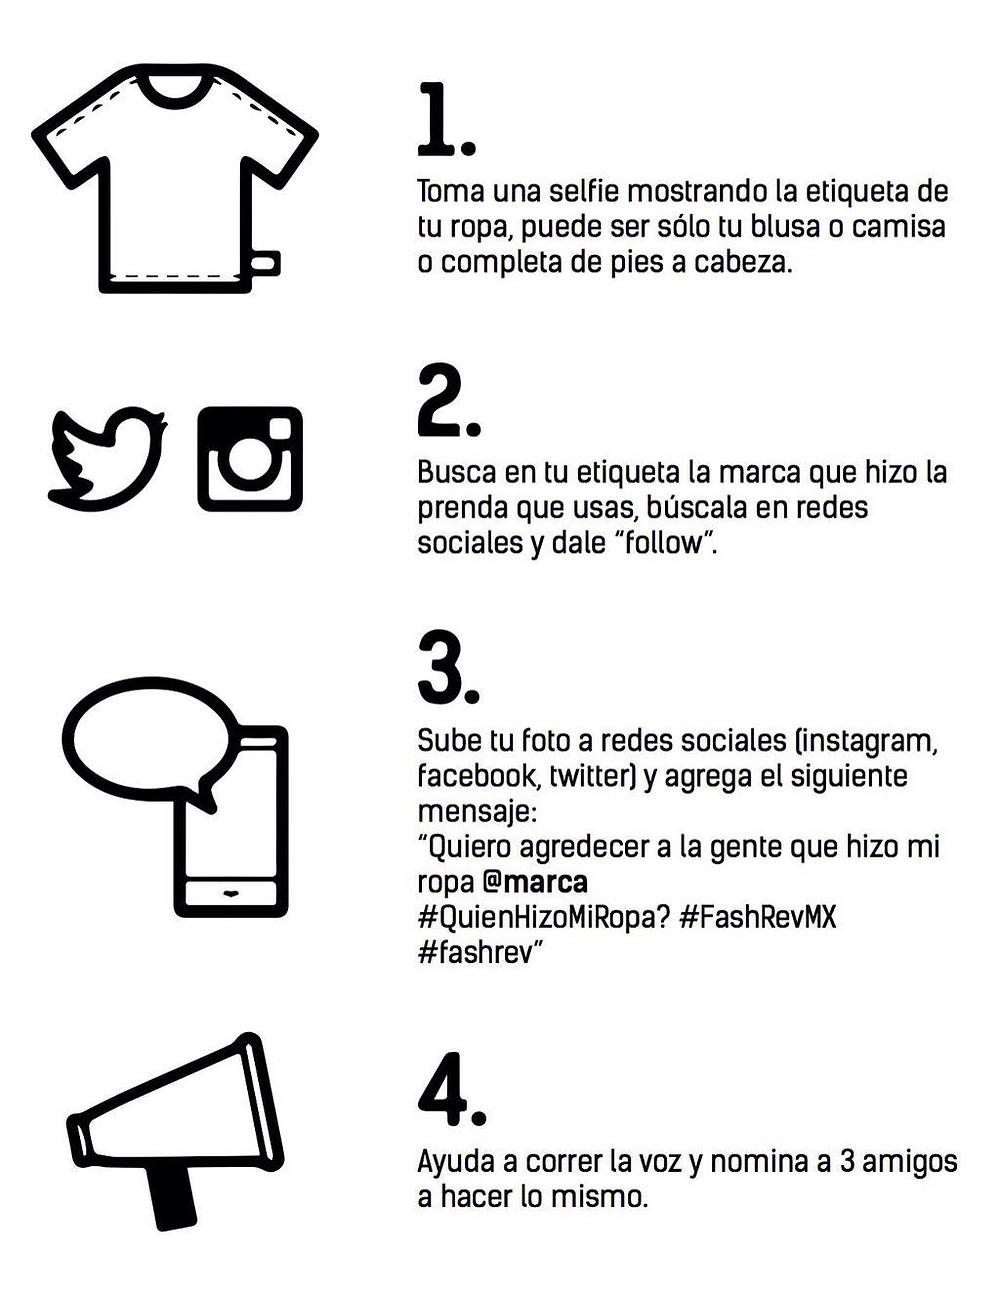 instrucciones #quienhizomiropa